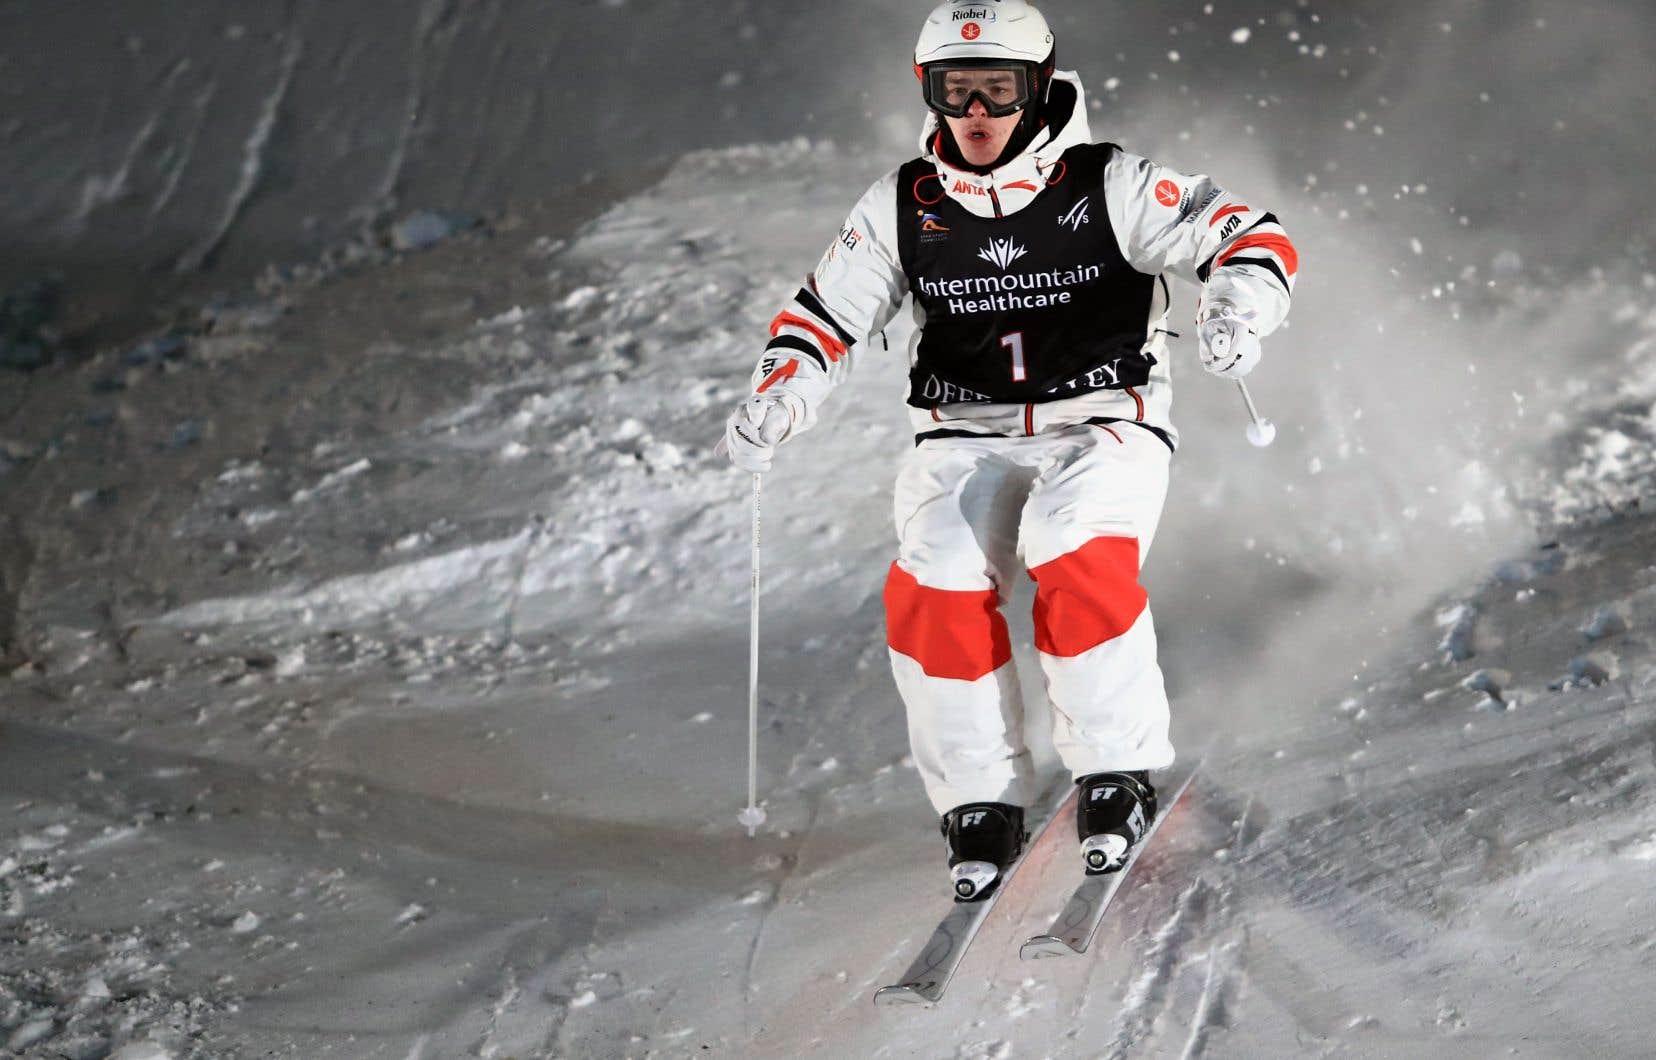 Mikaël Kingsbury dévalant la pente le 8 février à Park City, en Utah, en voie vers une victoire à cette épreuve individuelle des bosses aux Championnats mondiaux de ski acrobatique